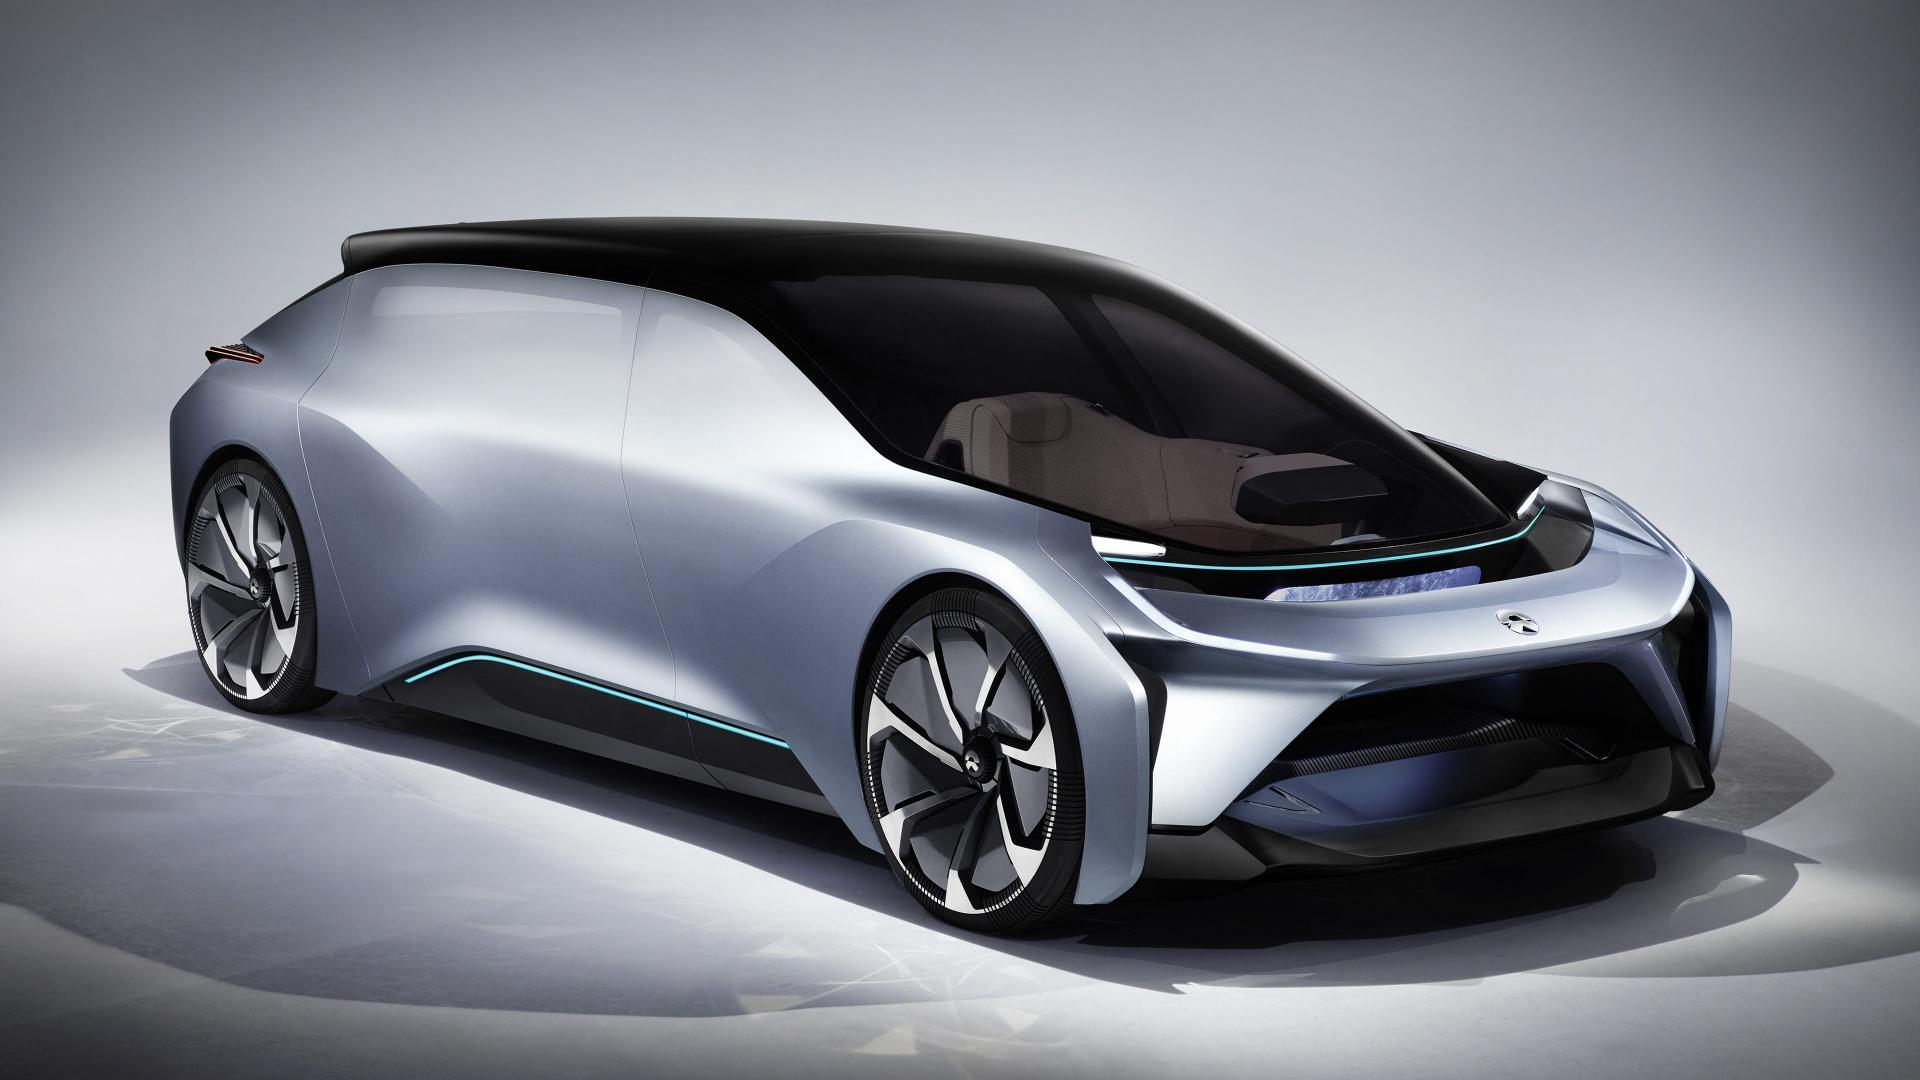 Китайцы создали электромобиль с зоной отдыха в салоне